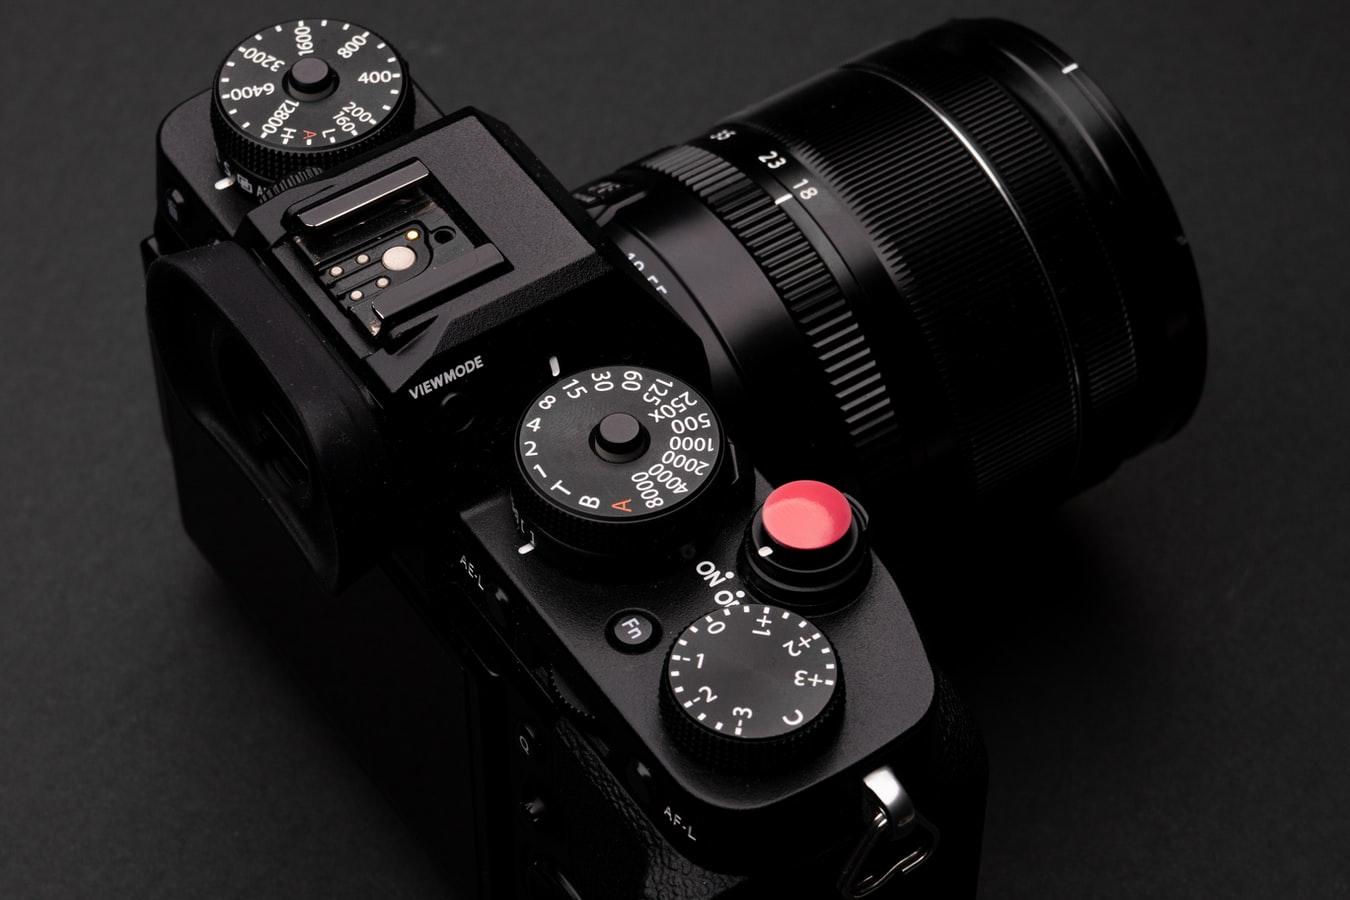 Le poids de la photographie de produit dans le monde commerciale